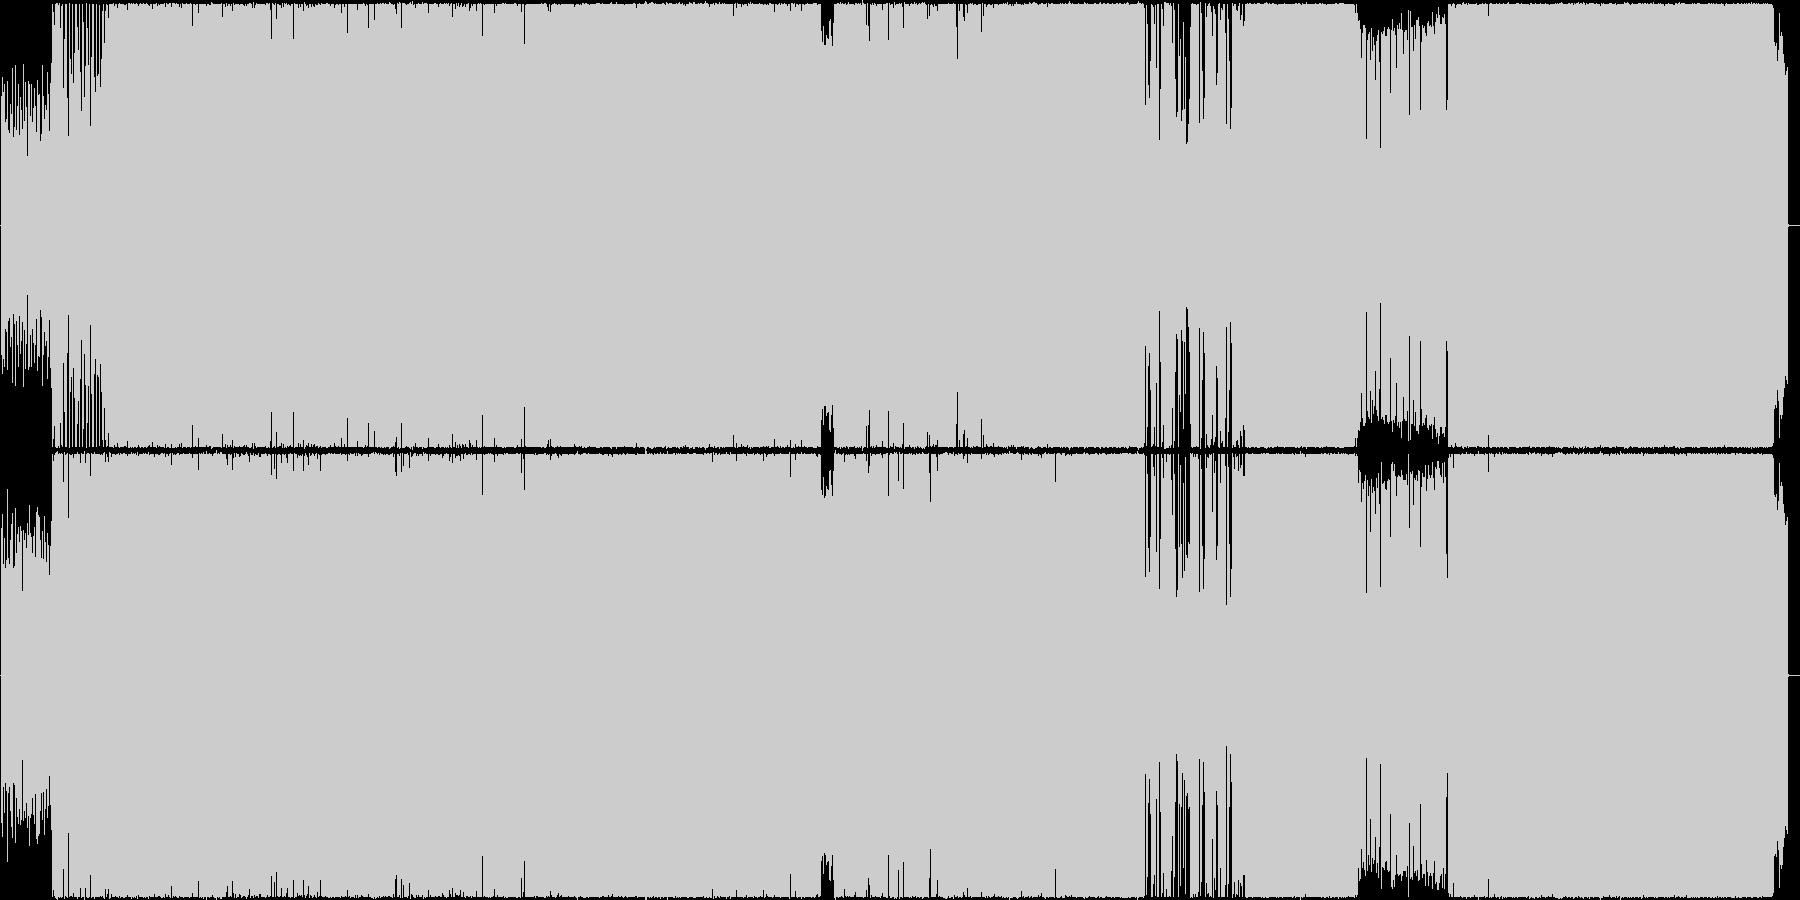 【女声Vo】アップテンポで楽しいポップスの未再生の波形